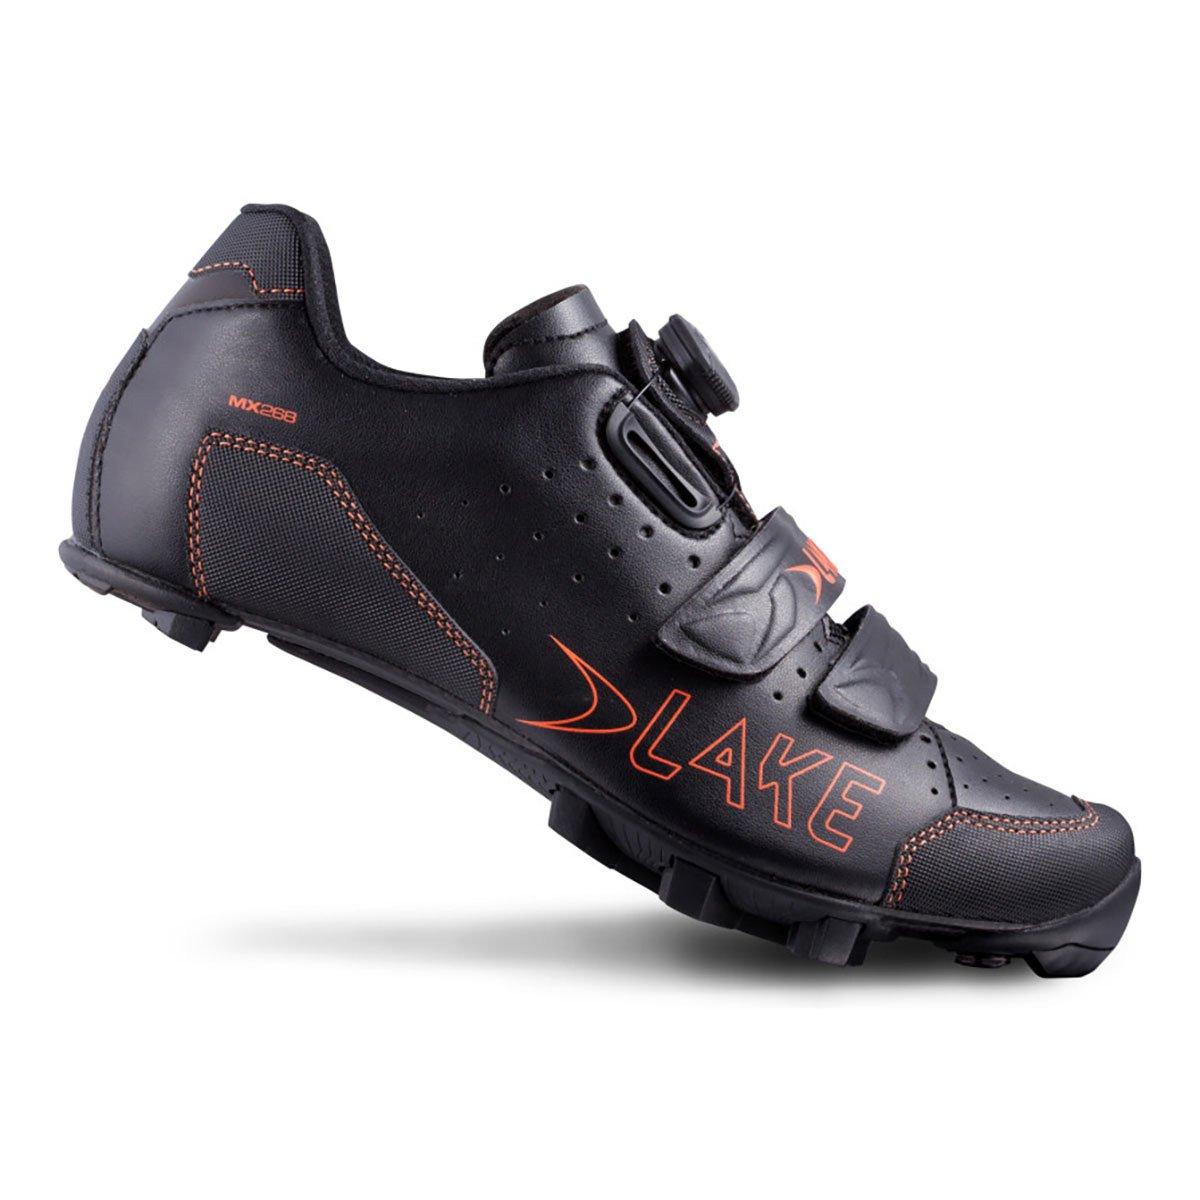 湖Cycling 2016メンズmx228マウンテンサイクリング靴 – ブラック/オレンジ 39 ブラック/オレンジ B06VVHQ7Y9